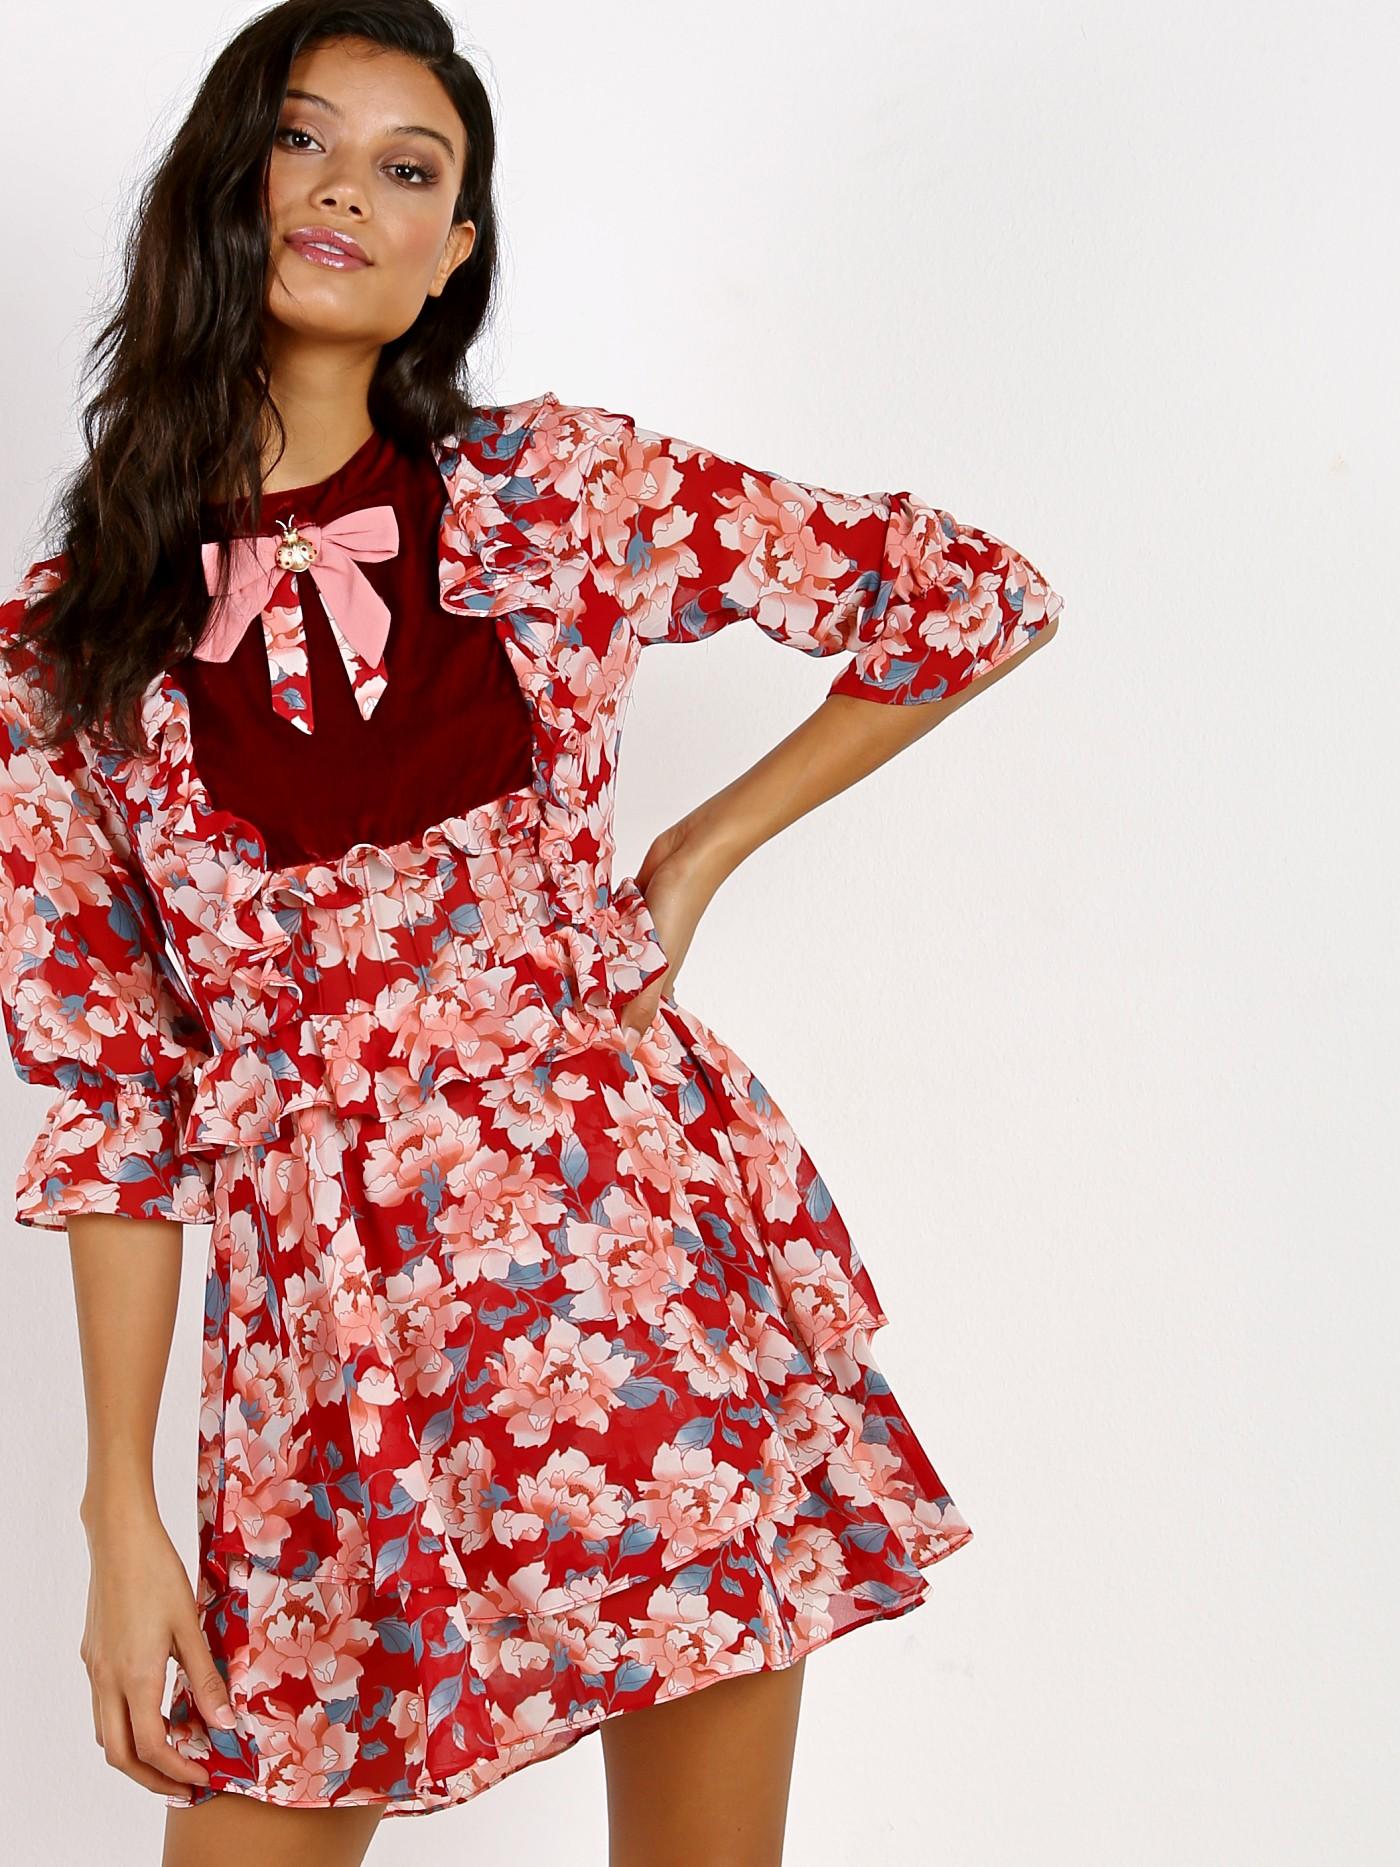 635d7e75495 For Love   Lemons Blossom Mini Dress CD1592C-FA17 - Free Shipping at Largo  Drive